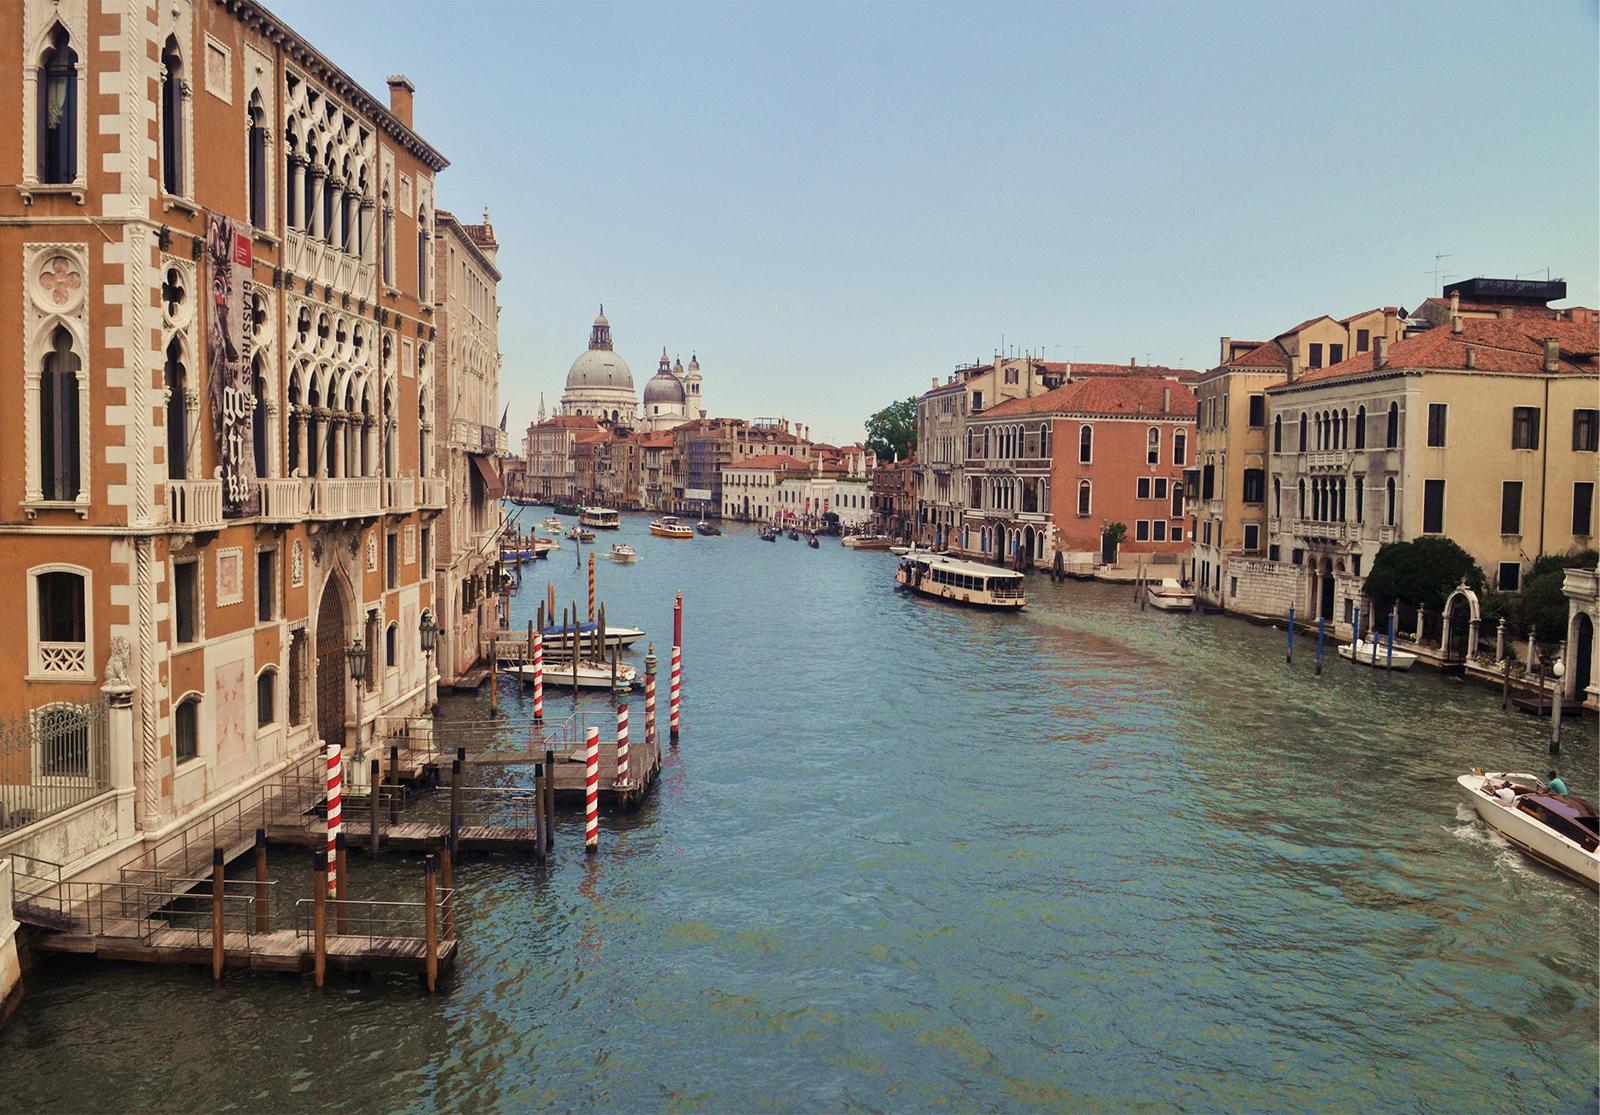 Voyage à Venise Grand canal Coin des licornes blog littéraire lifestyle Toulouse